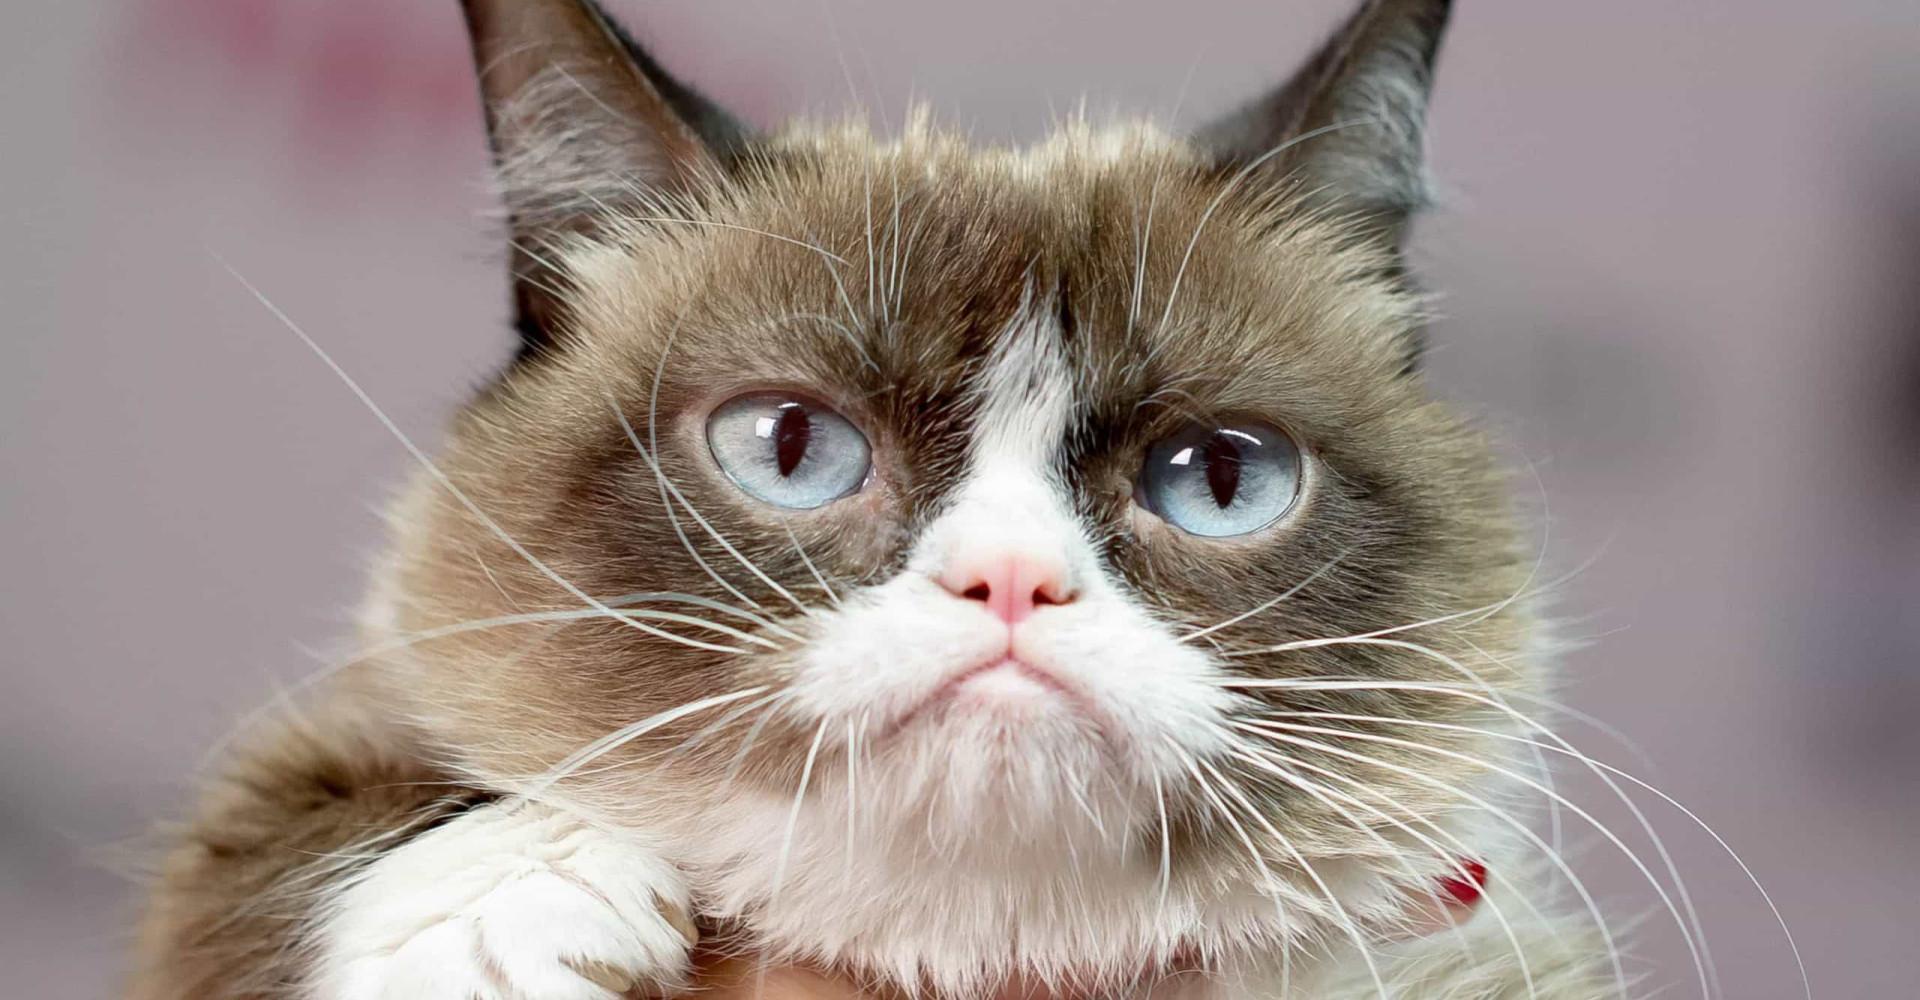 Lepää rauhassa Grumpy Cat: Elä uudelleen kissan hauskimmat meemit